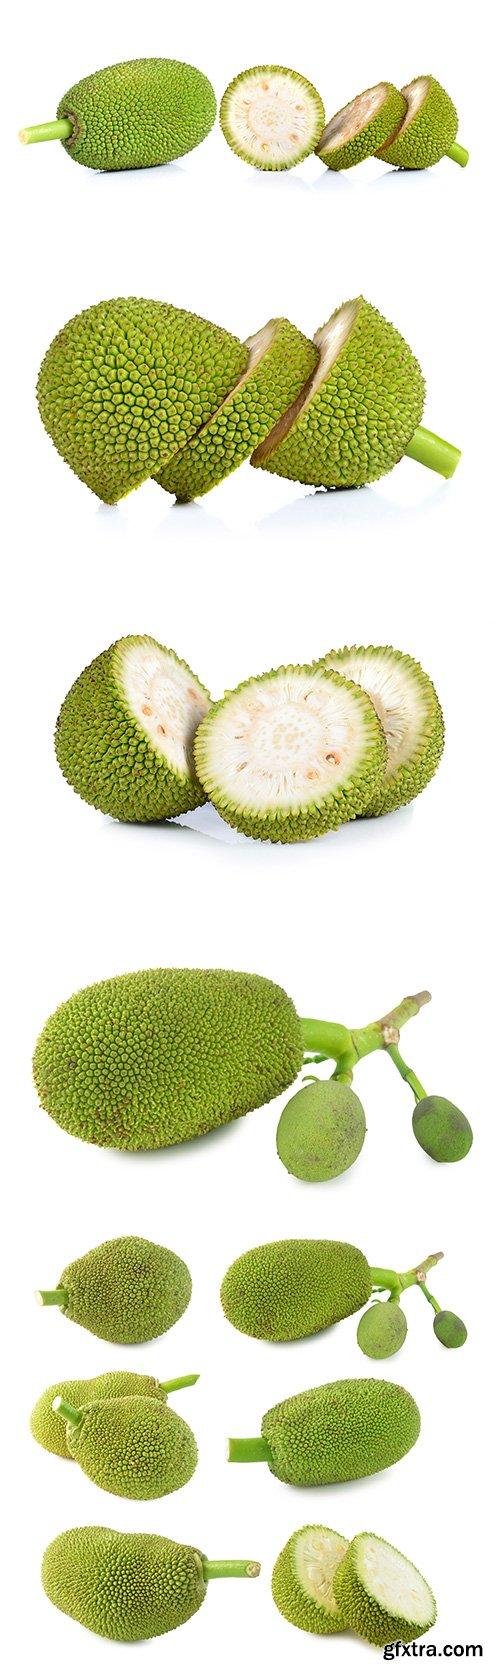 Jackfruit Isolated - 10xJPGs